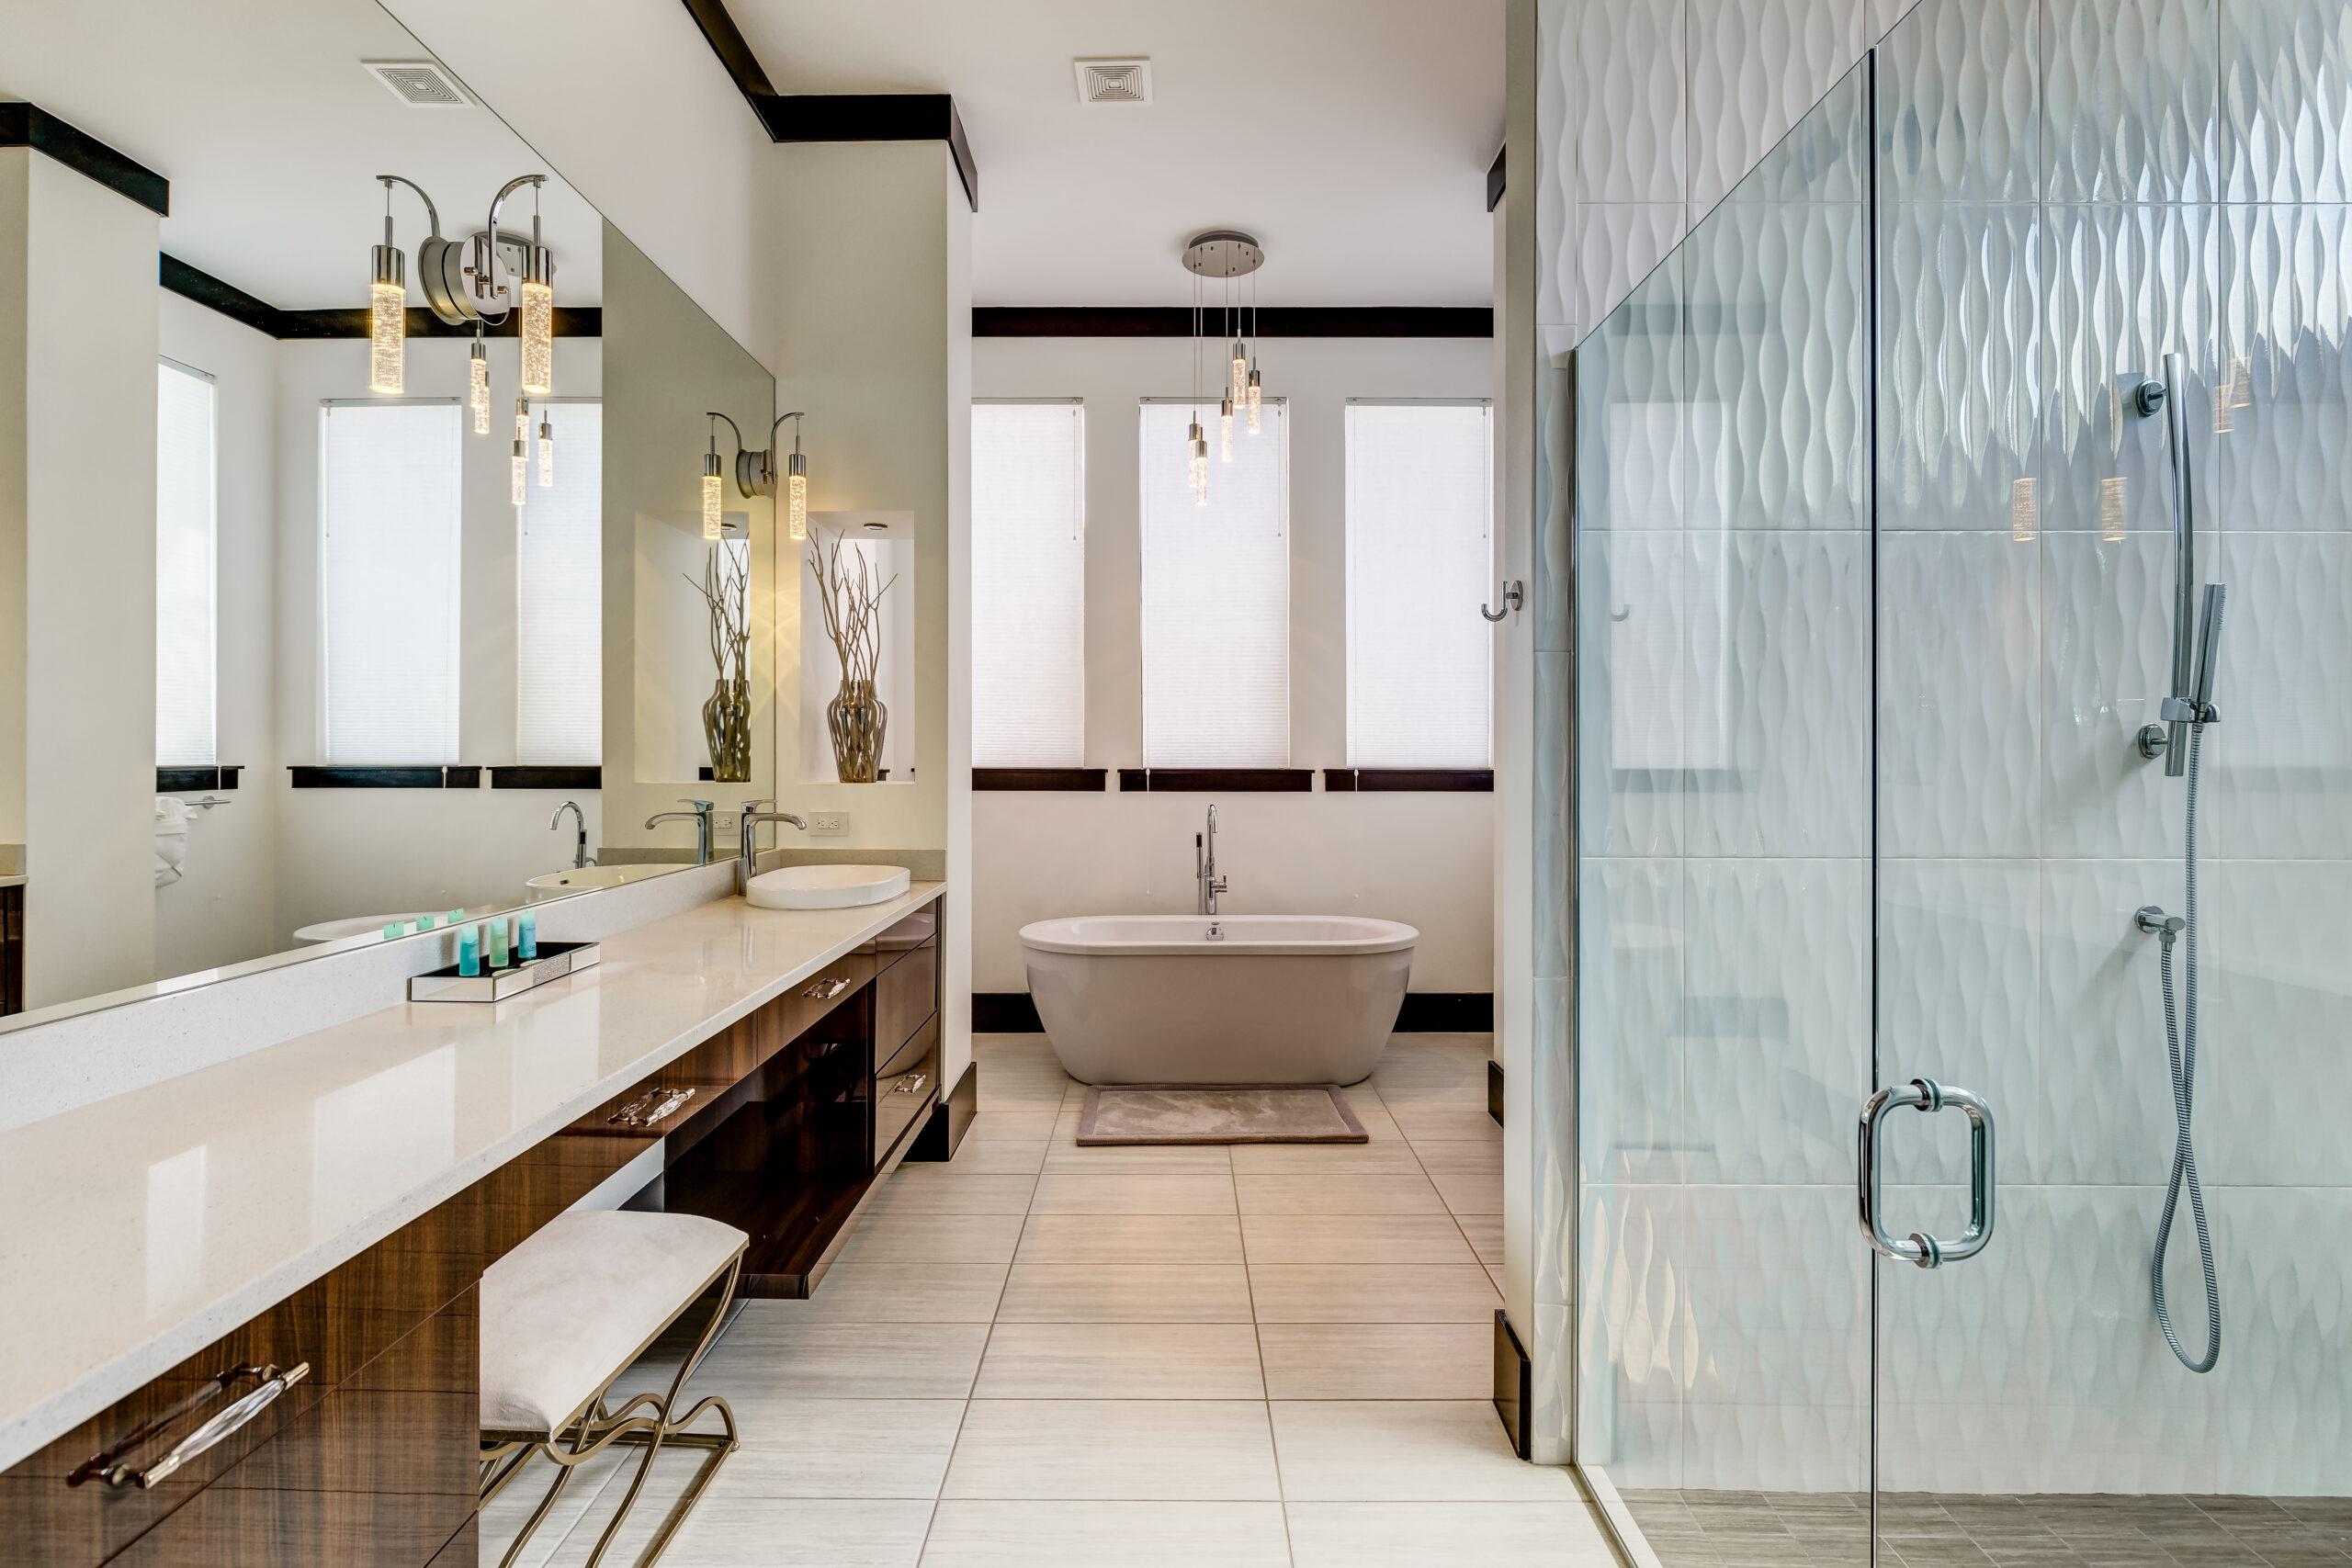 luxury villa bathrooms Galore!